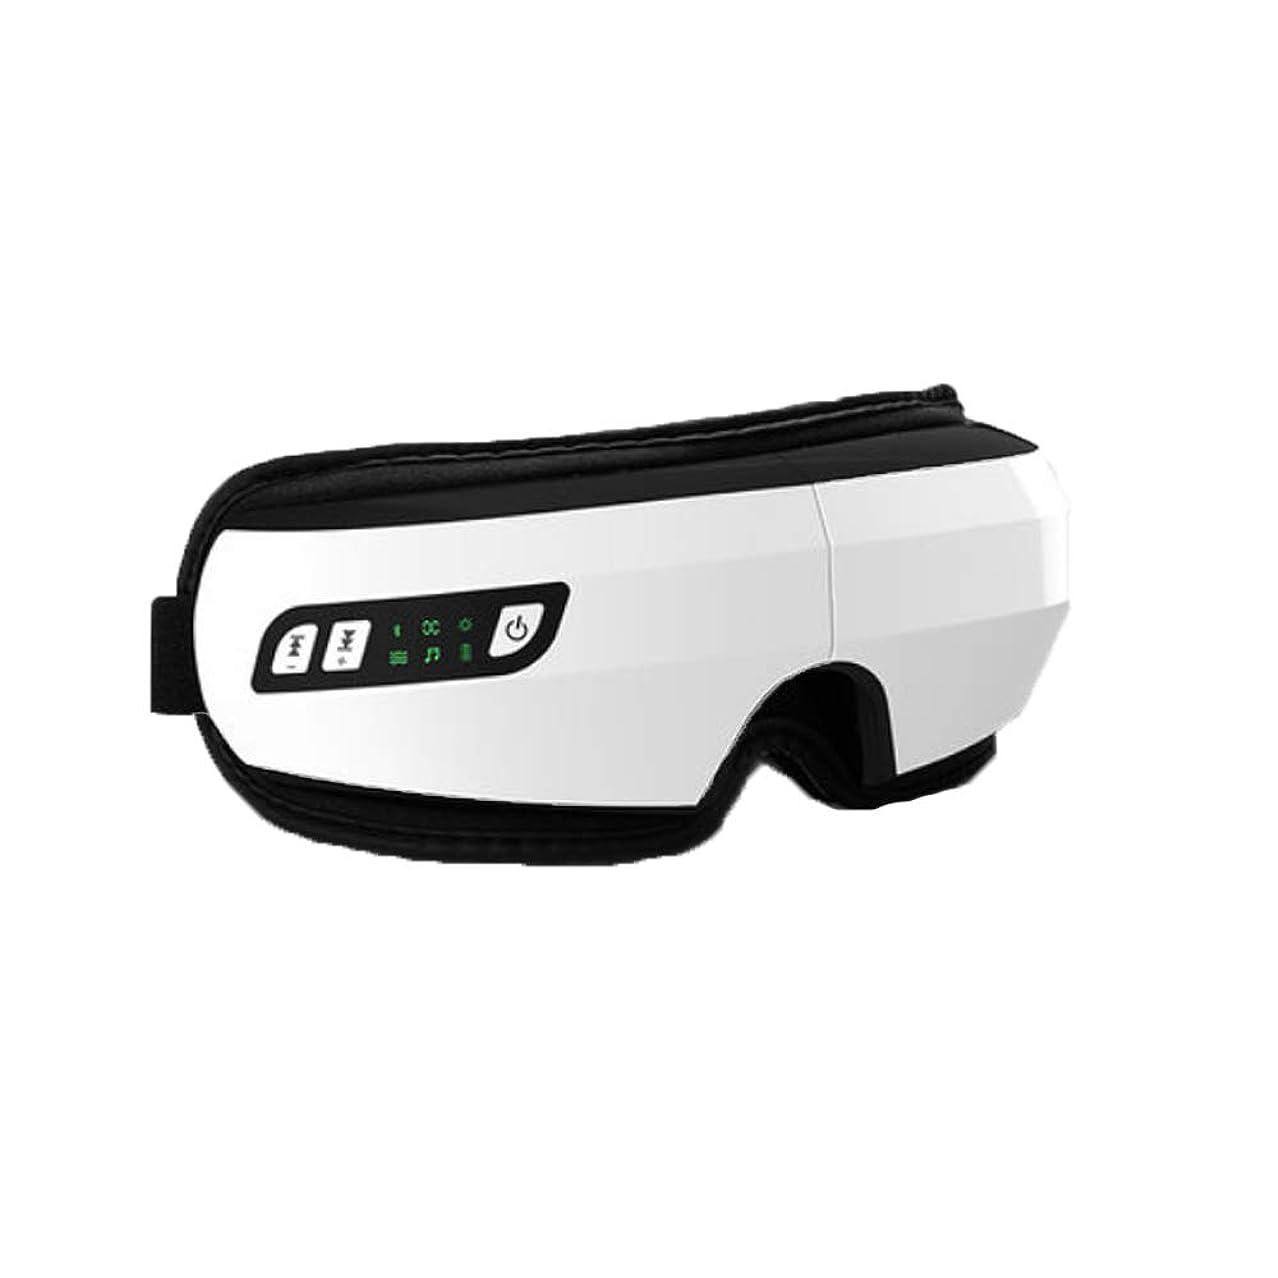 四半期一般平行マッサージャー - 熱い湿布は近視の黒い目の声の振動目の保護の器械を取り除きます (Color : White)